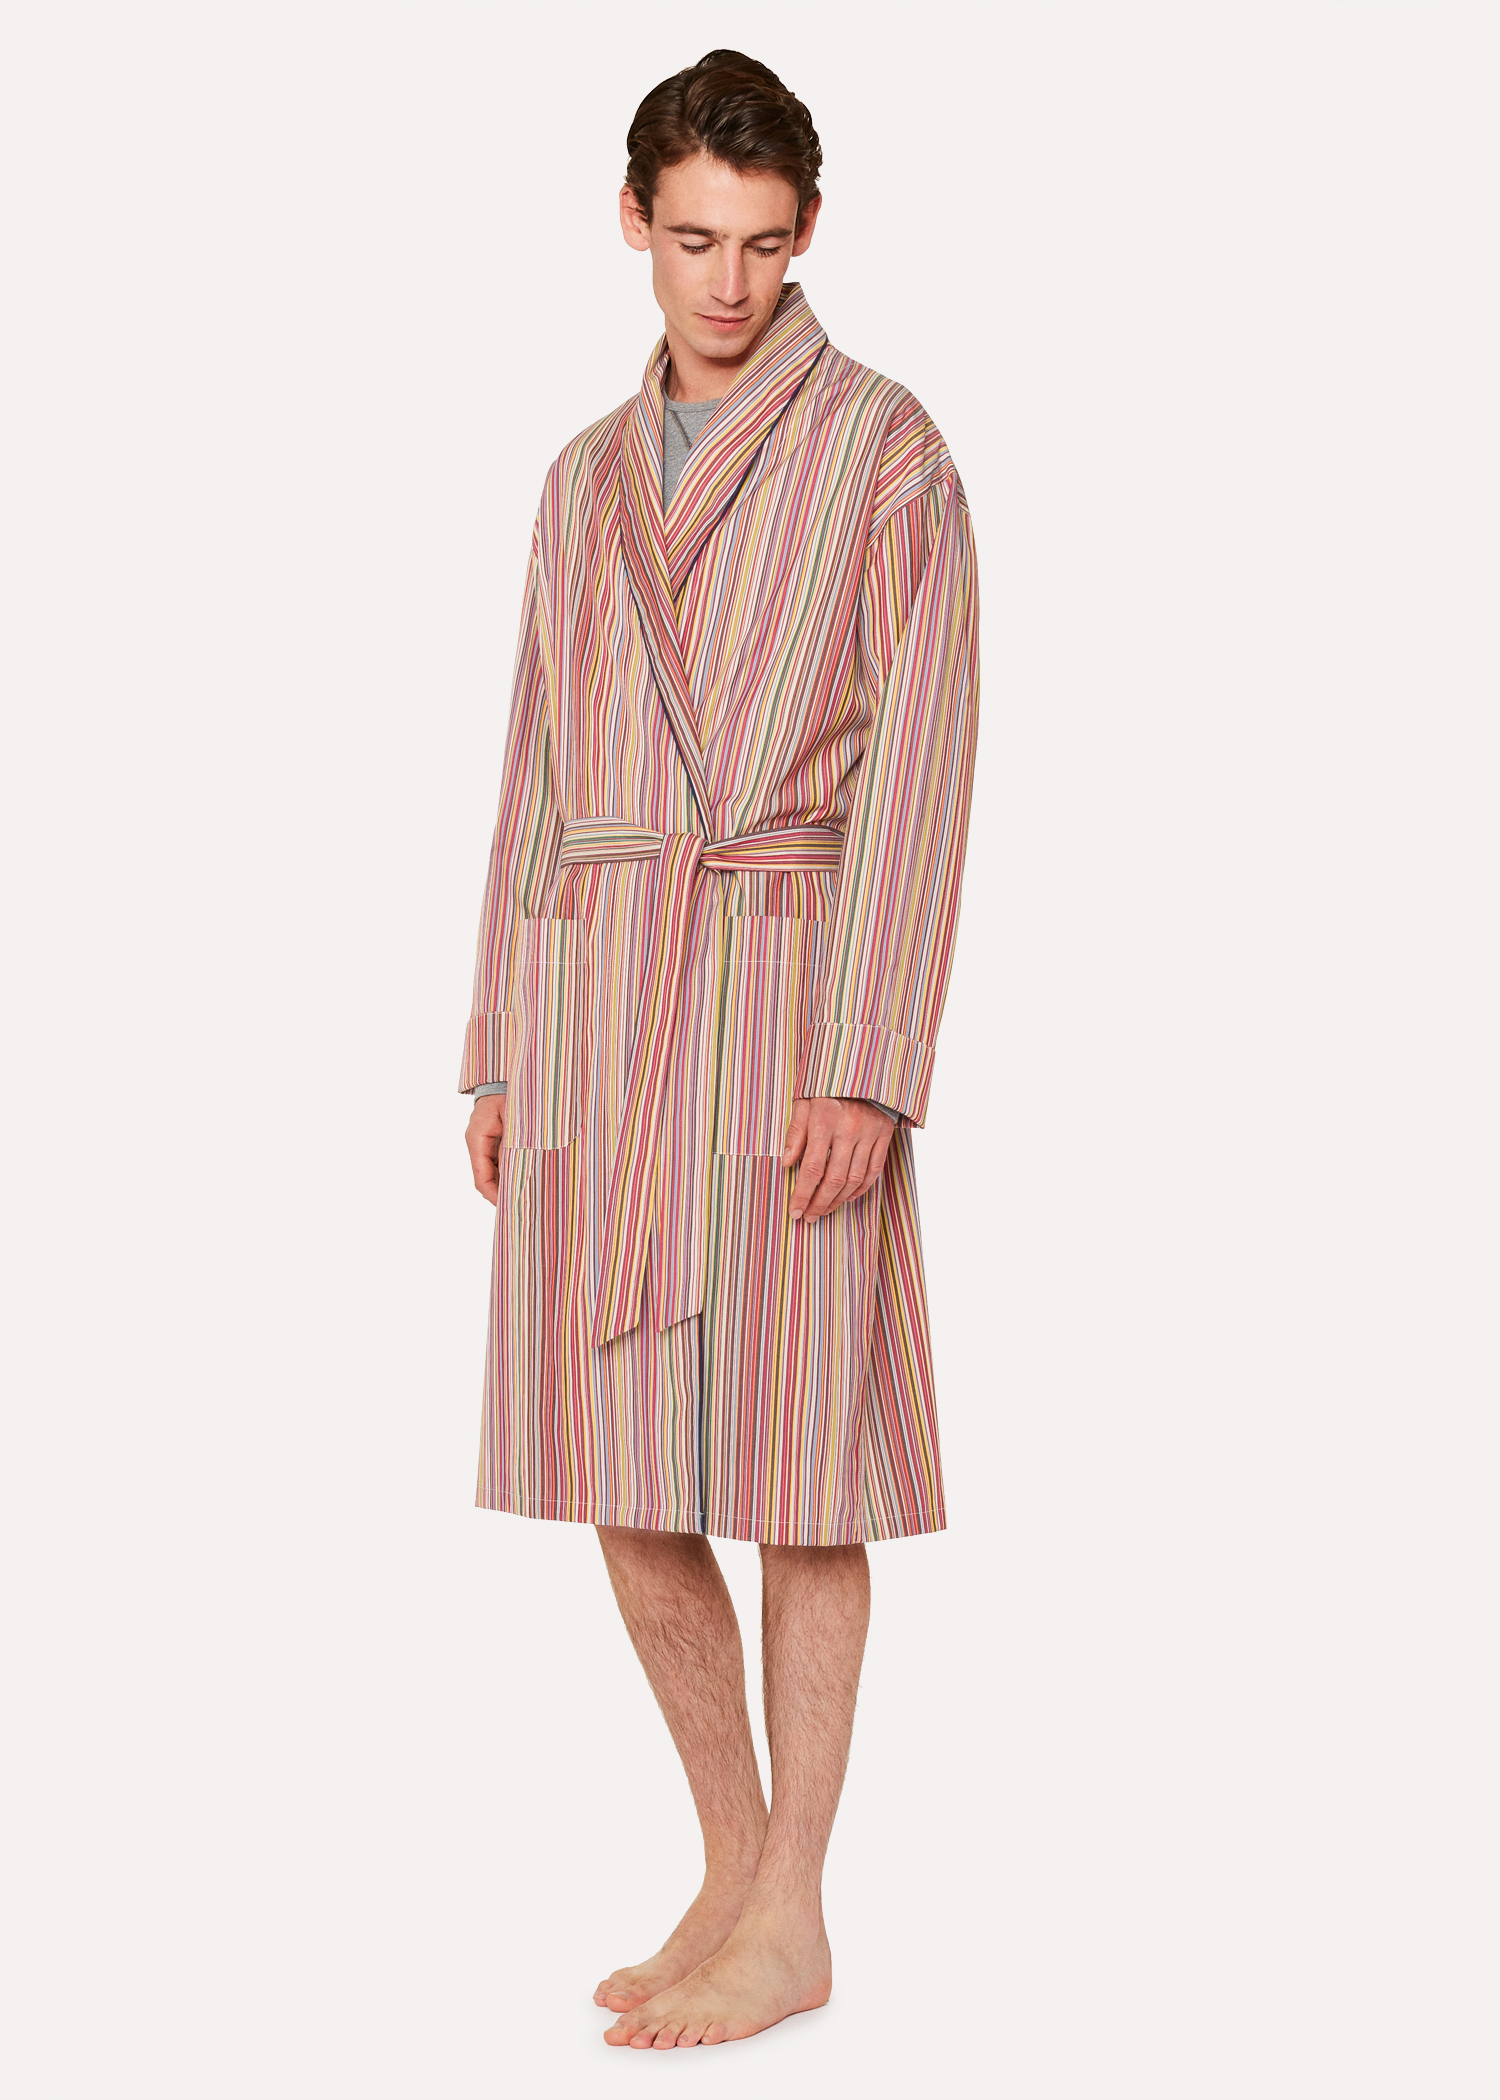 7dc2b85131 Men s Signature Stripe Cotton Dressing Gown - Paul Smith US